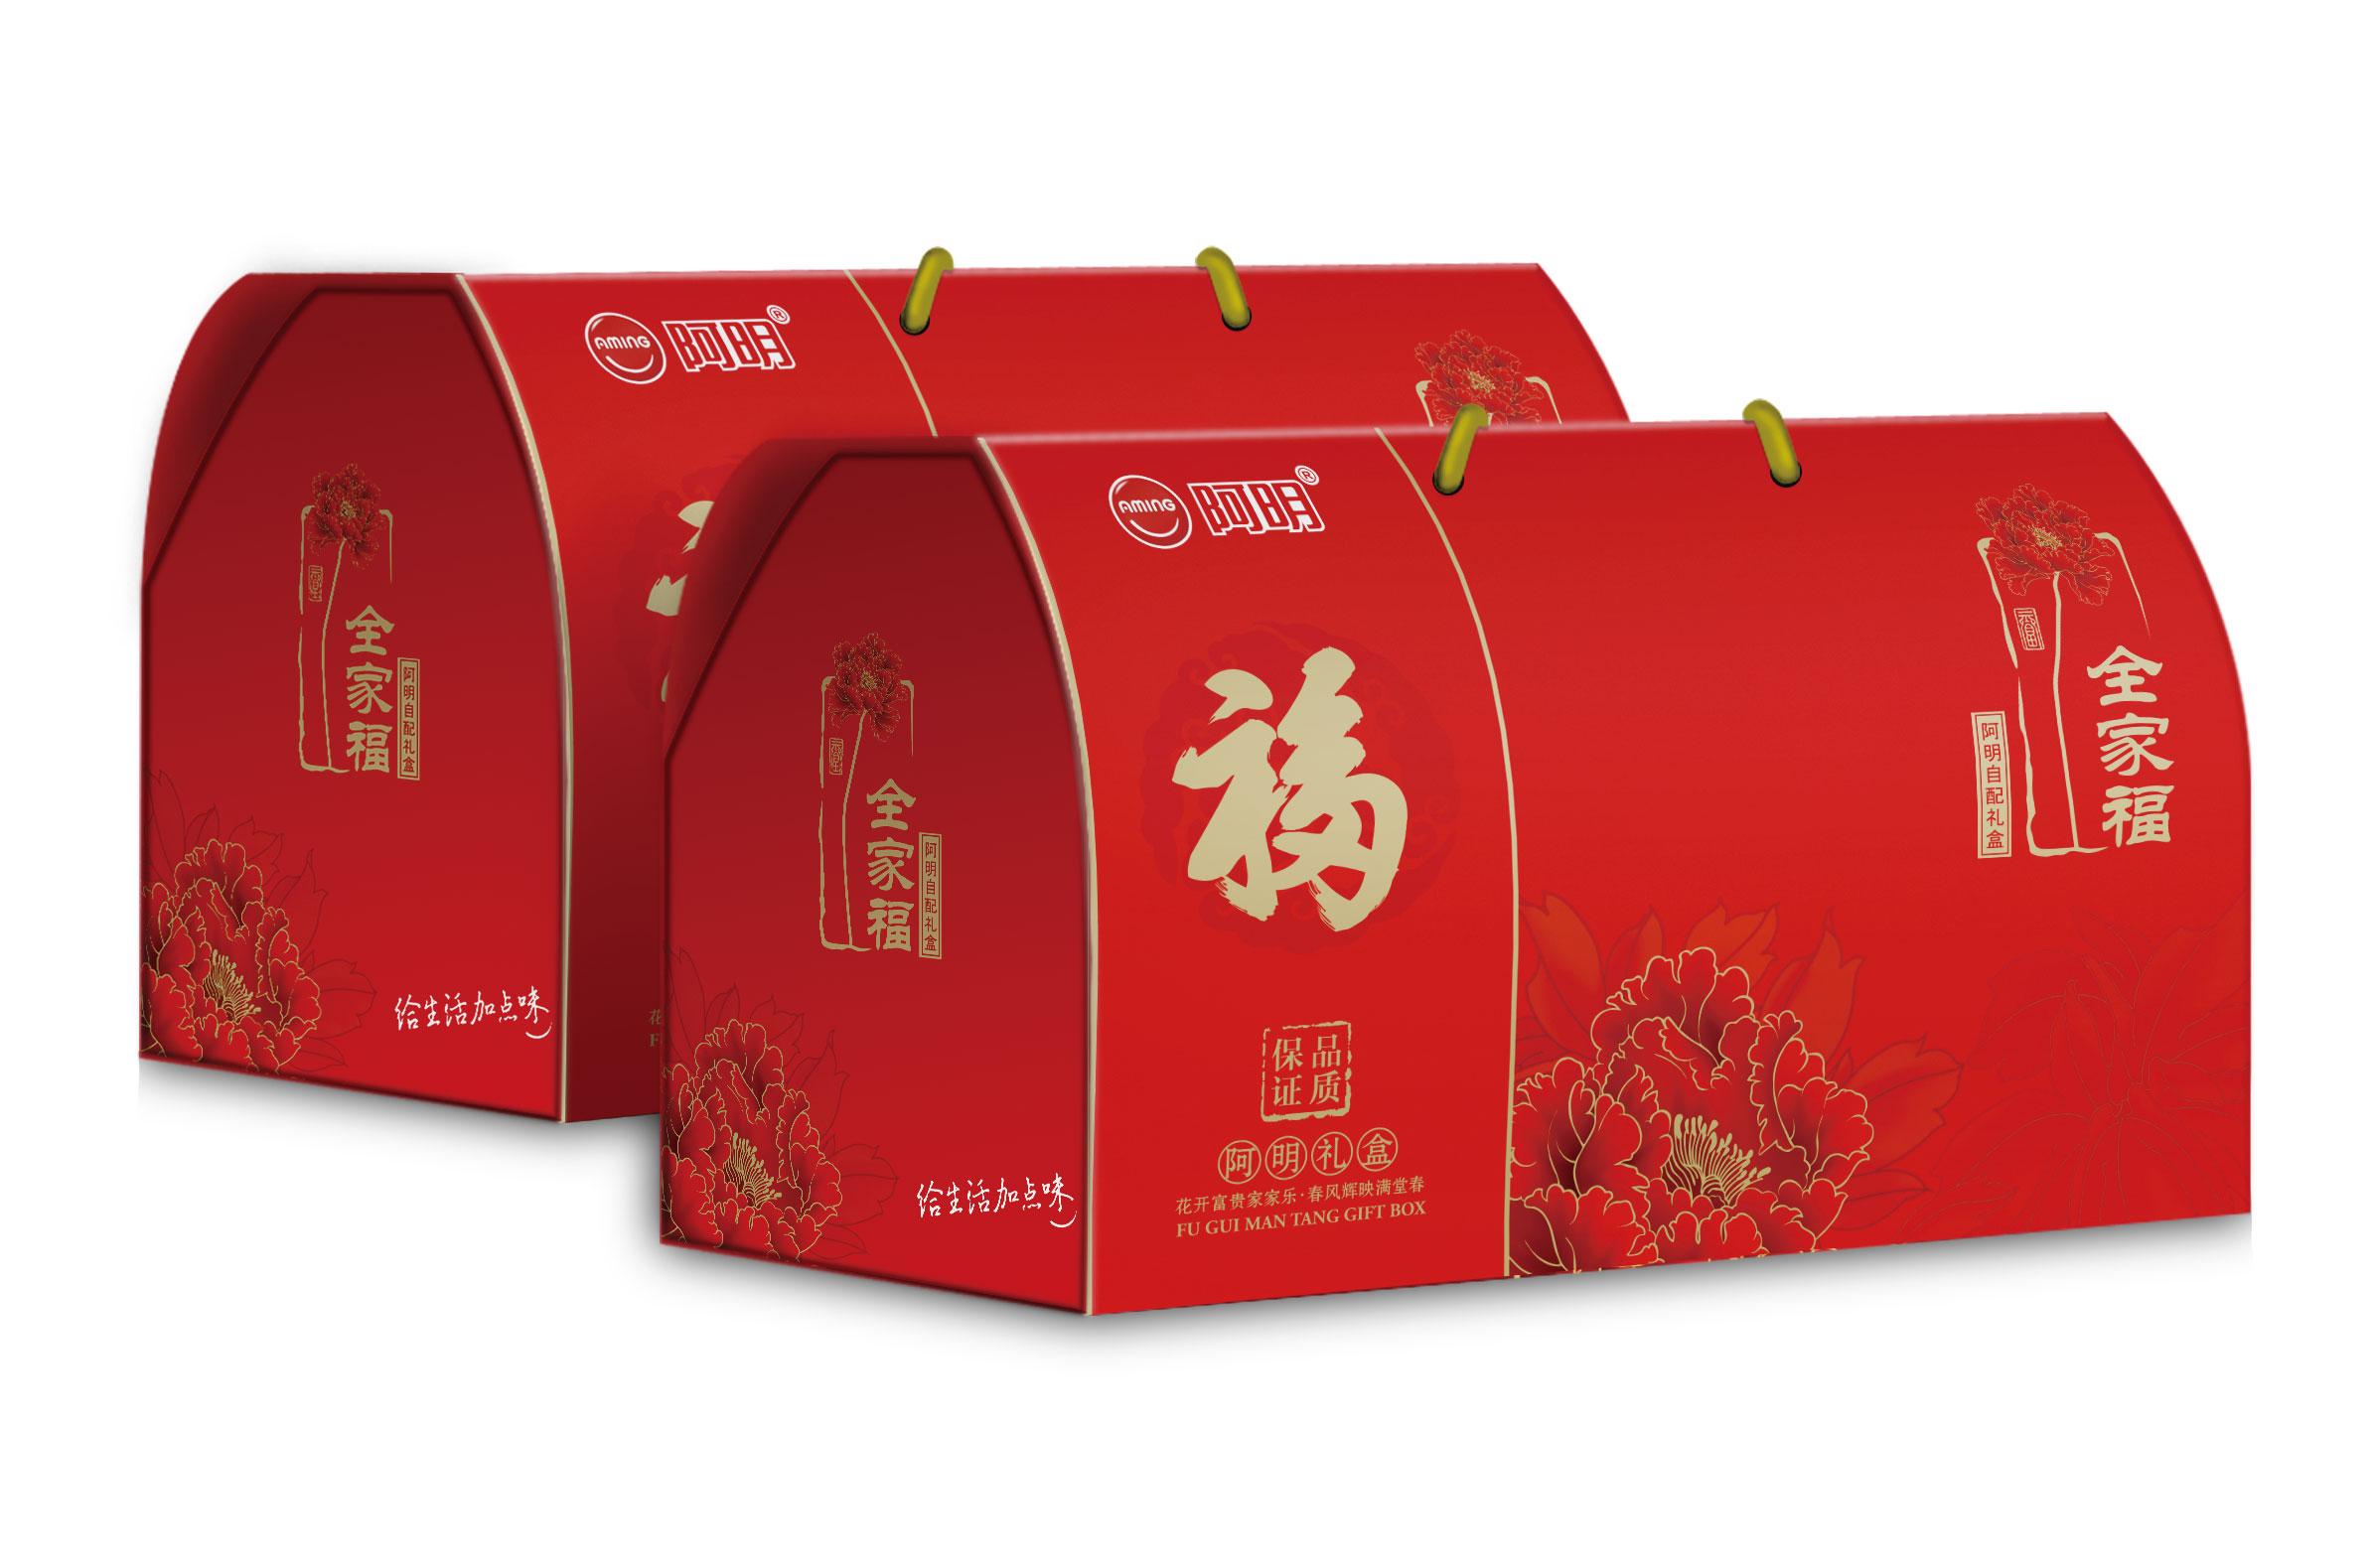 供应合肥坚果炒货礼盒装礼品批发定制|海鲜特产年货批发团购|年图片